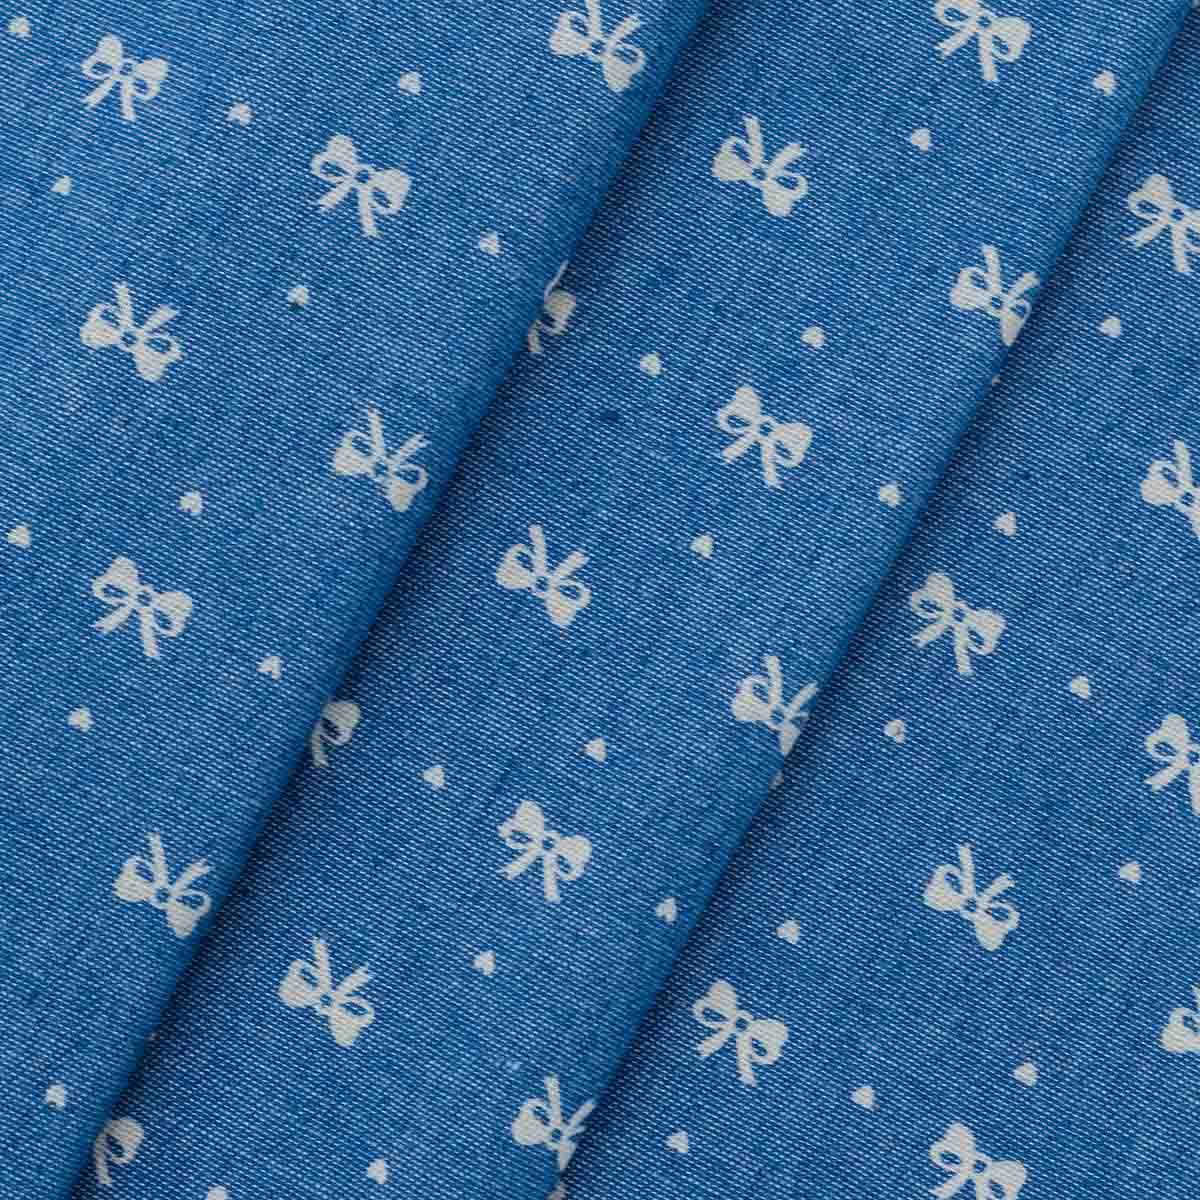 25919 Ткань джинс FD 'Бантик', 48*50см (80%